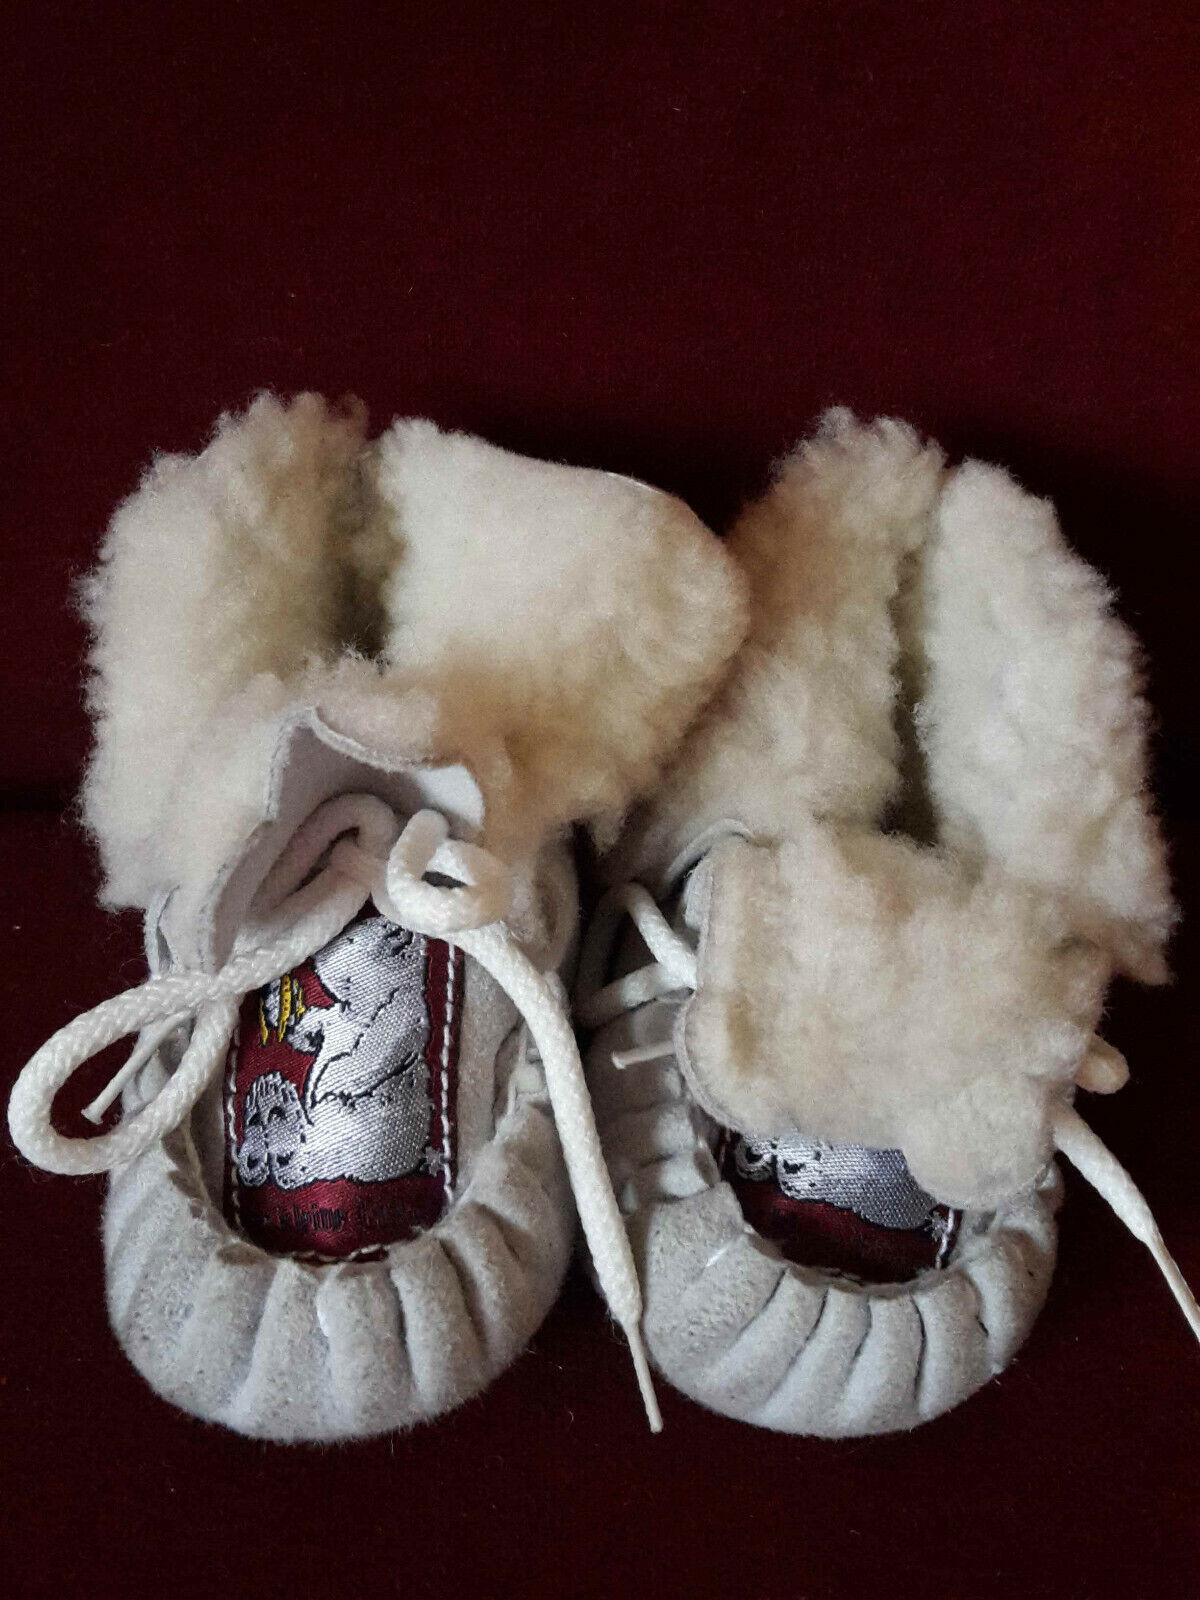 Krabbelschuhe, Babyschuhe unisex, sehr kuschlig, 9,5 cm, Eisbär-Bildchen